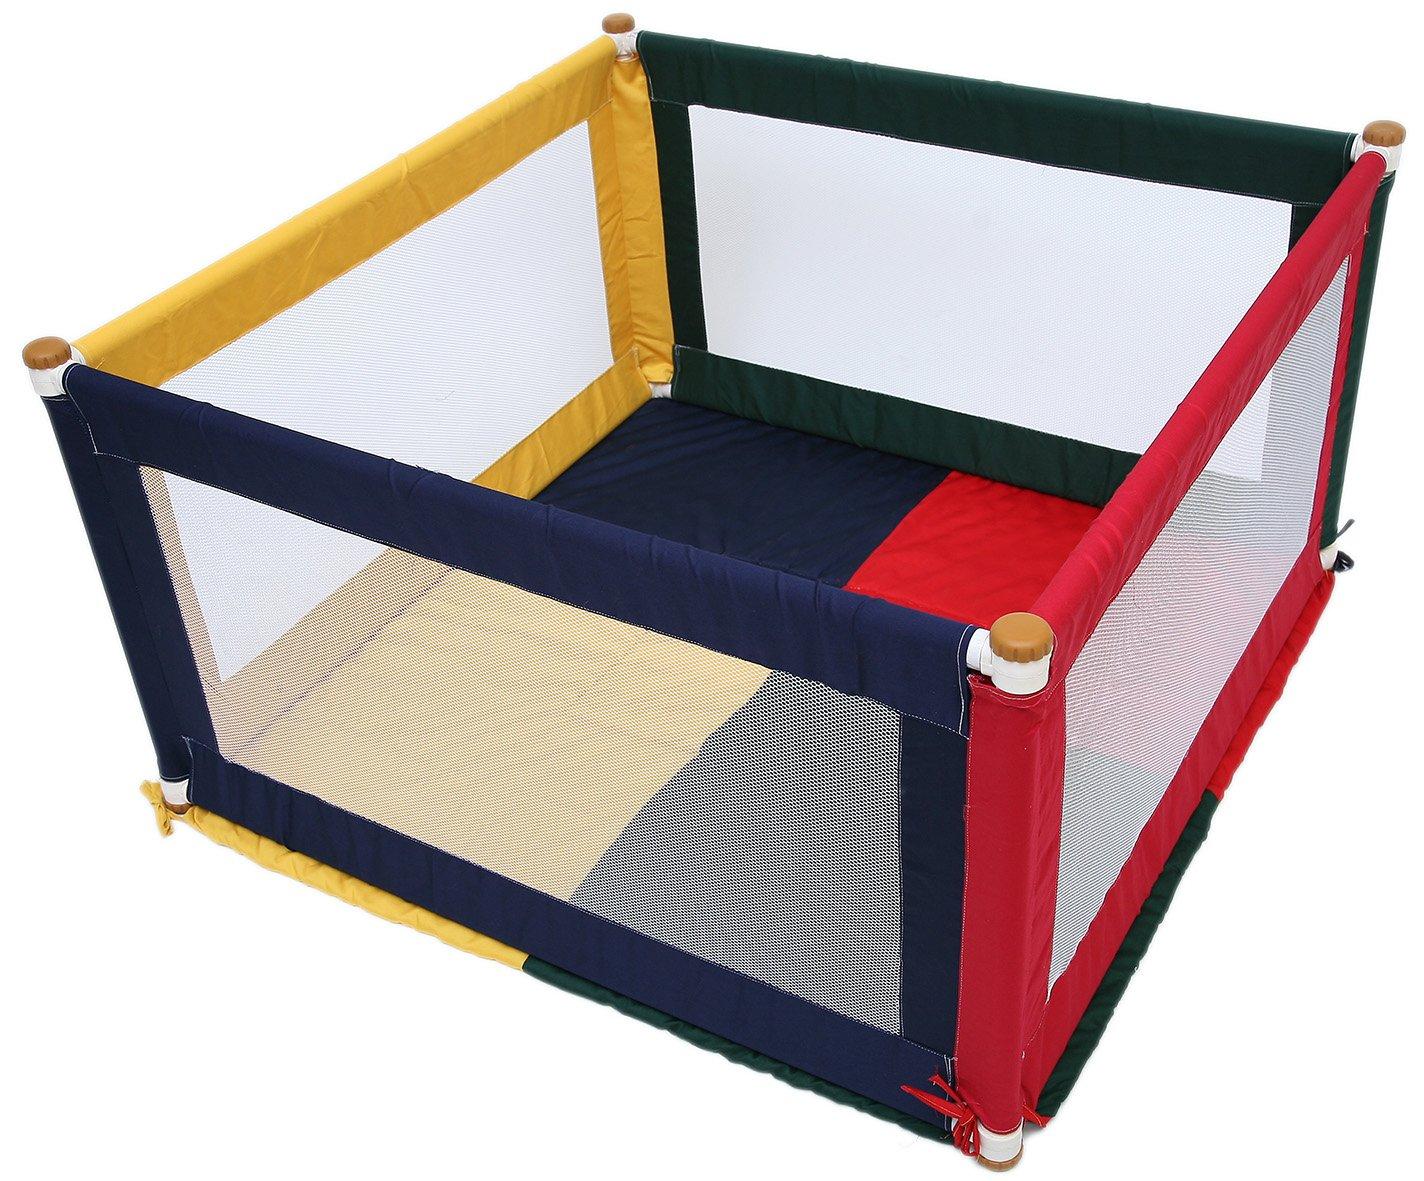 TikkTokk Pokano Fabric Playpen//Mat Square, Colourful